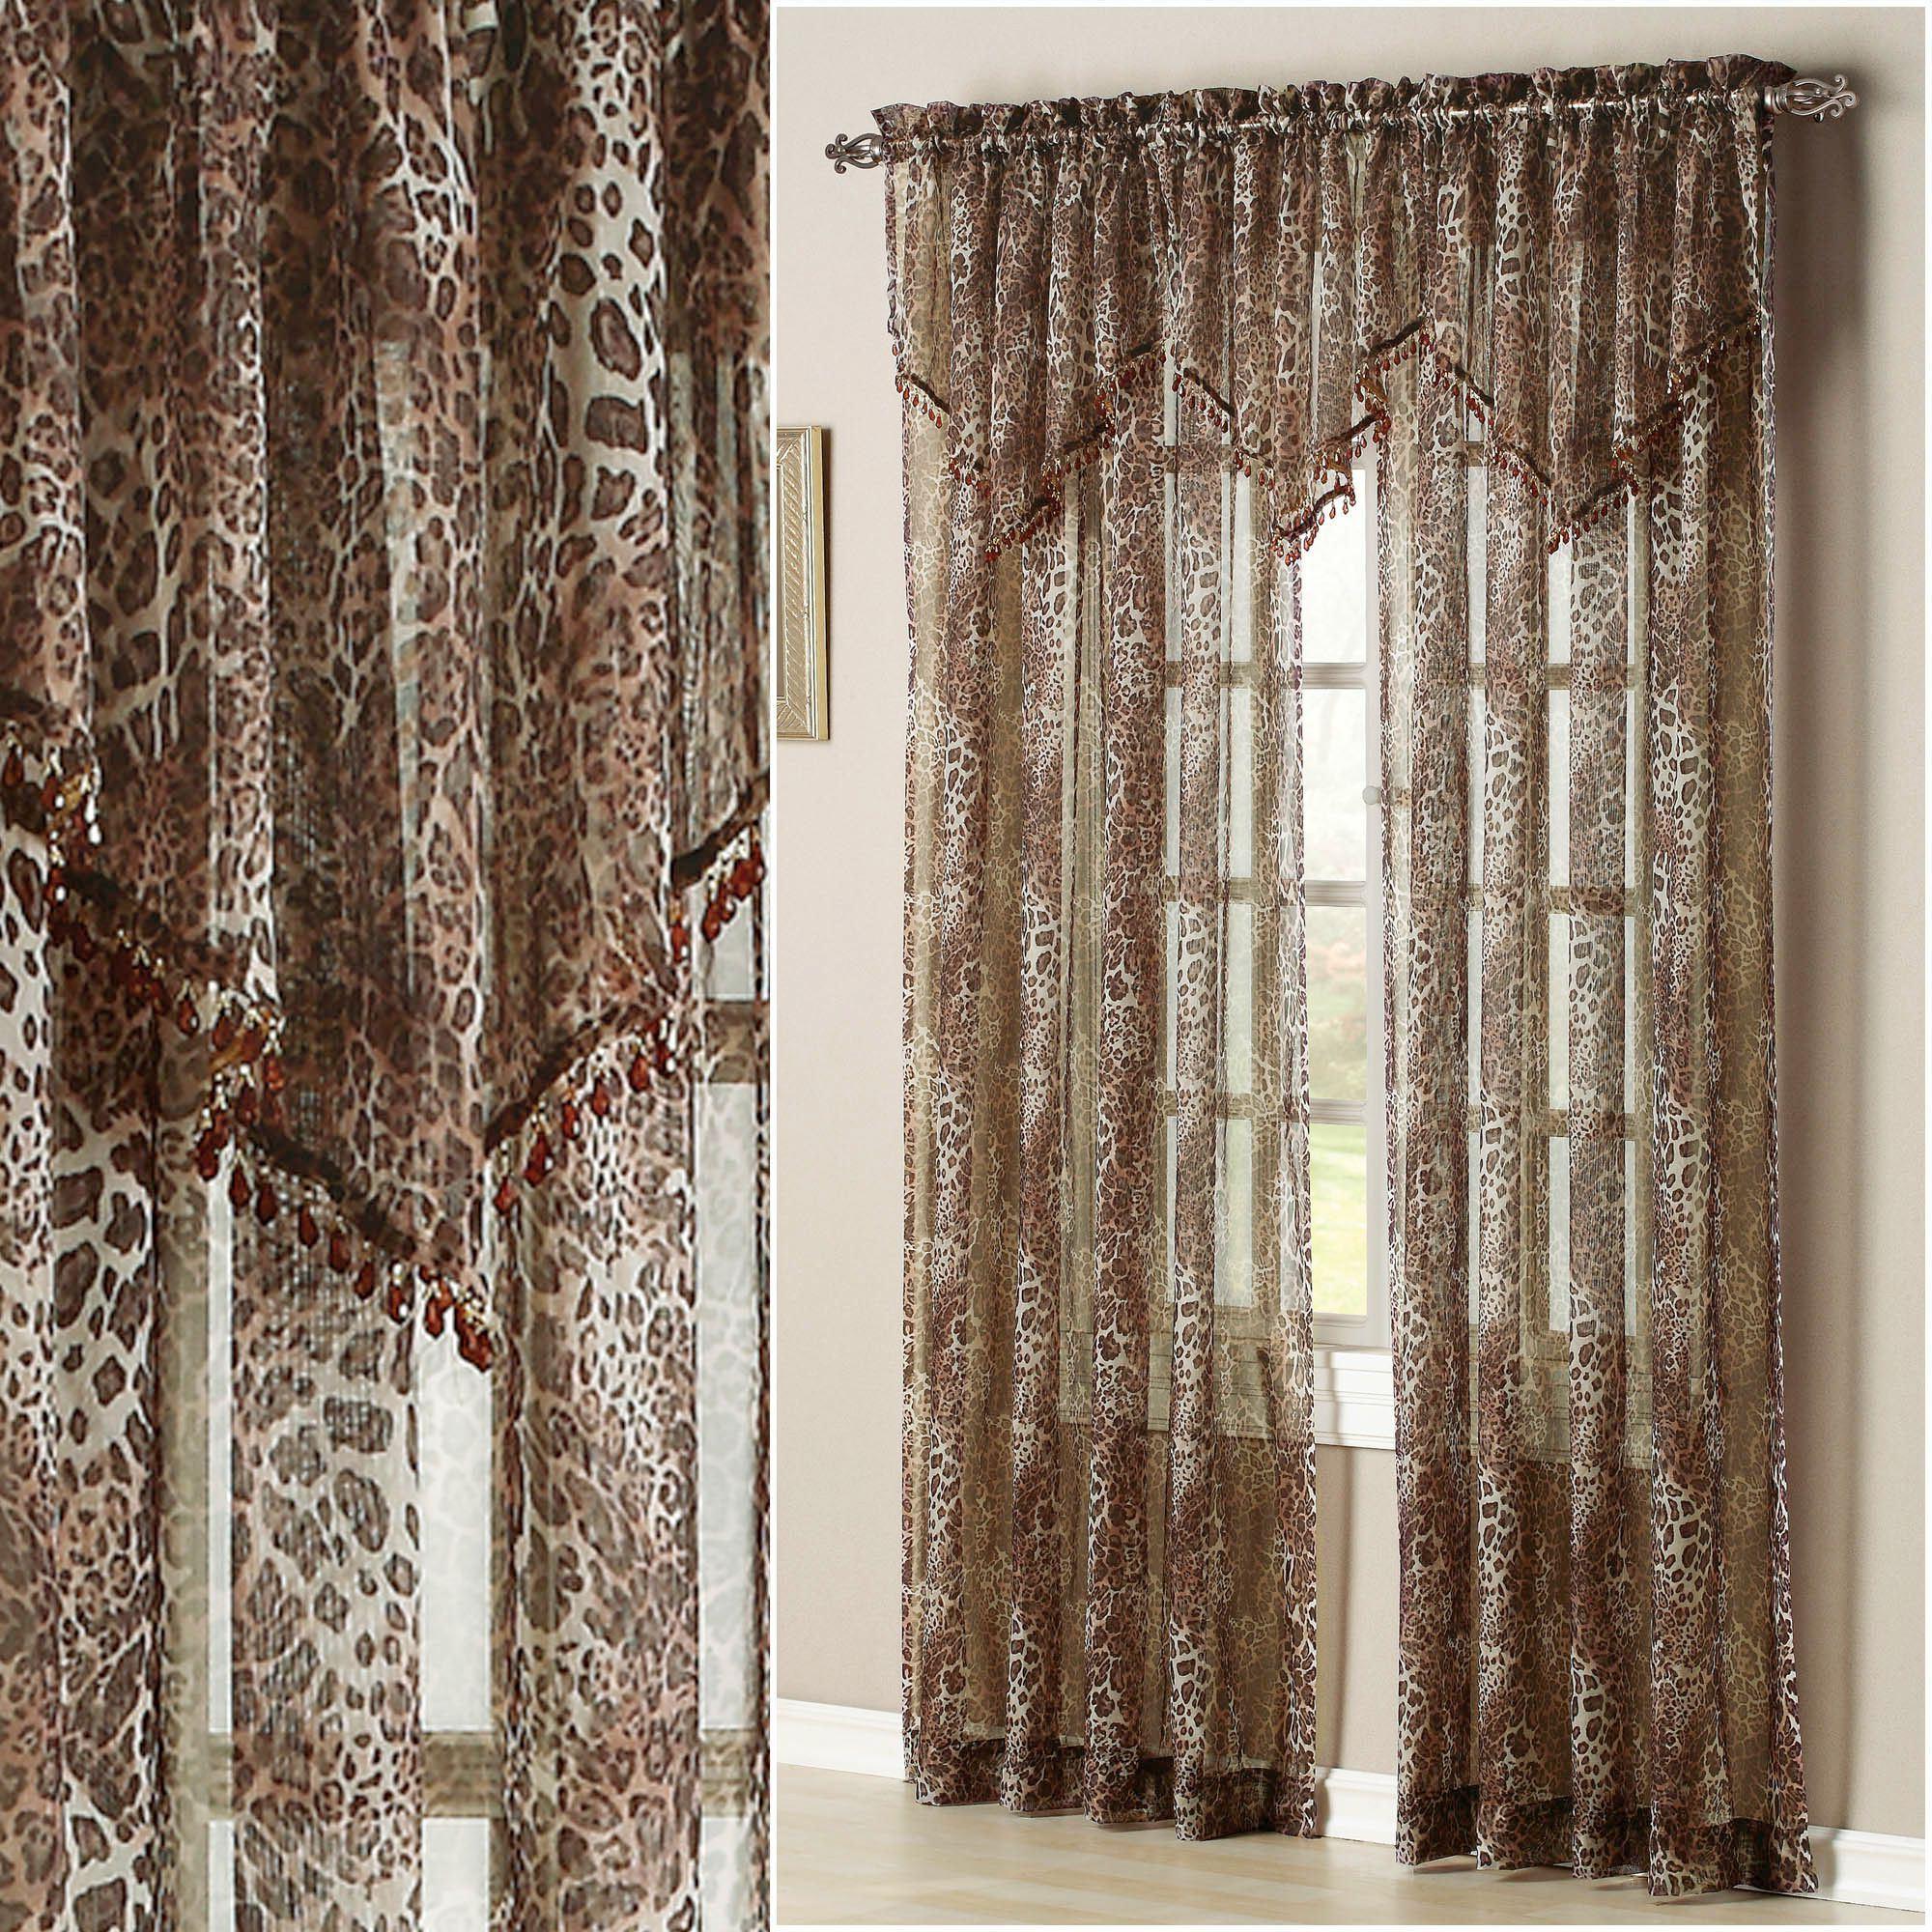 Ocelot Safari Window Treatment Regarding Most Current Inez Patio Door Window Curtain Panels (View 14 of 20)